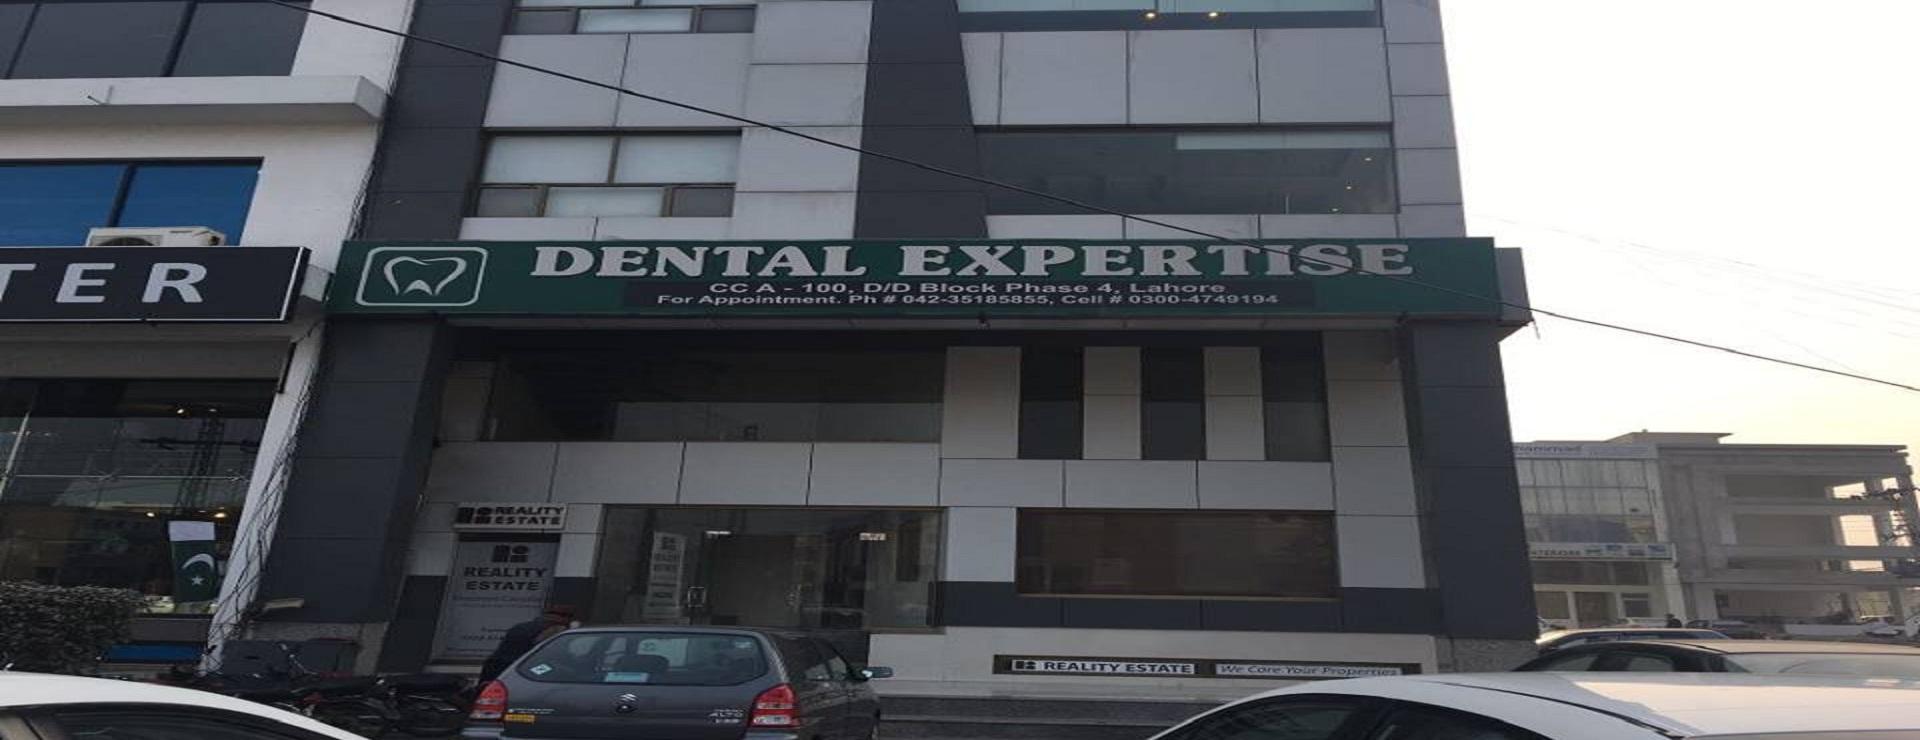 Dental expertise